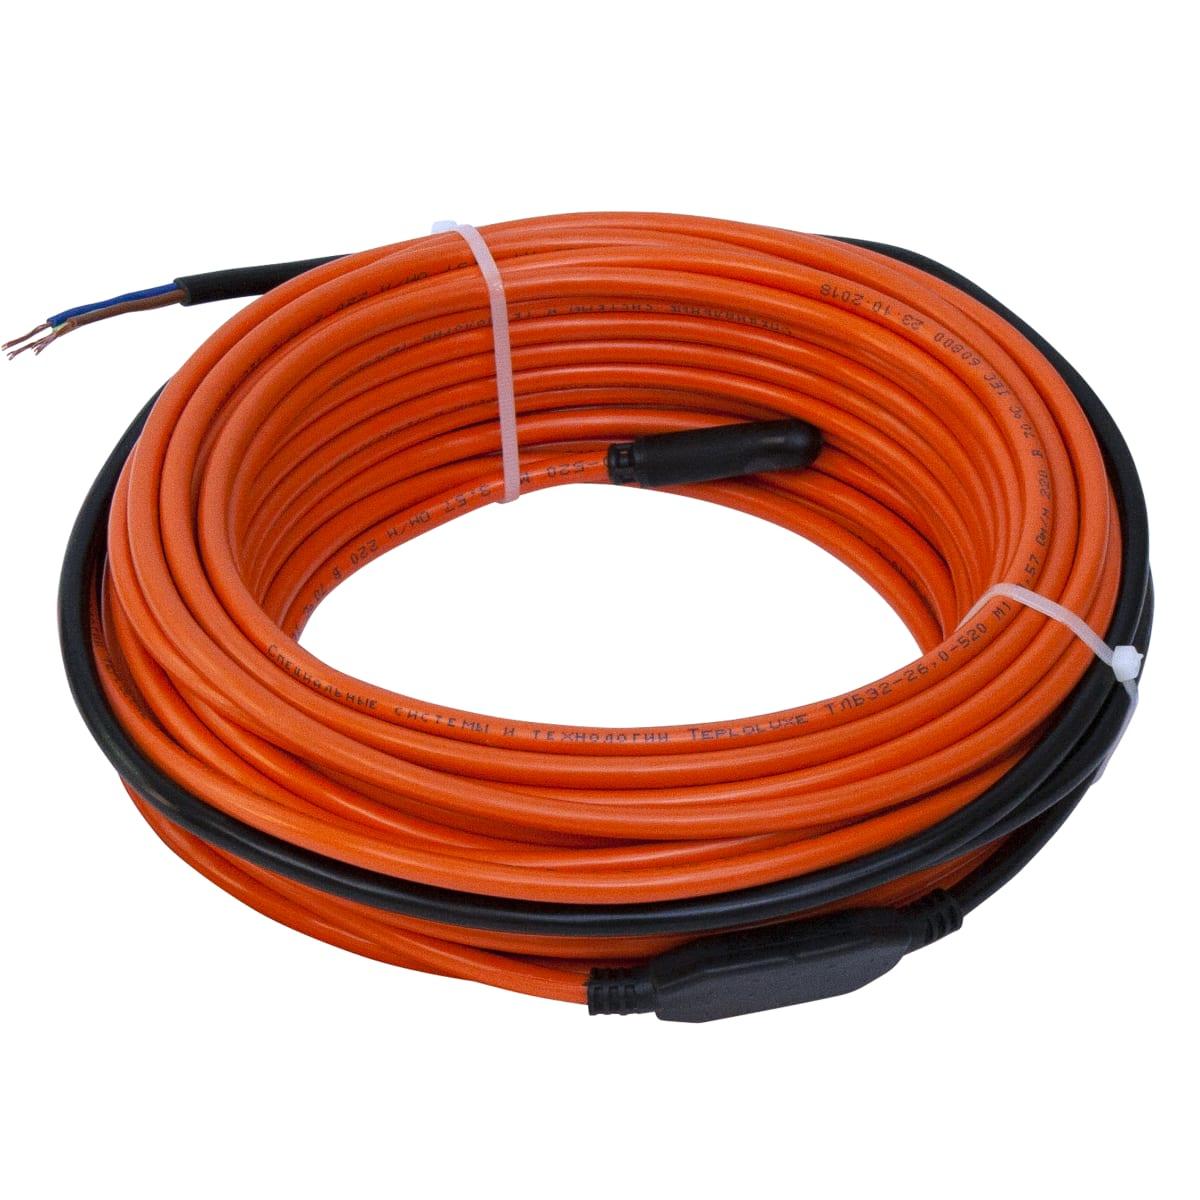 Нагревательный кабель для тёплого пола Теплолюкс 21 м, 340 Вт